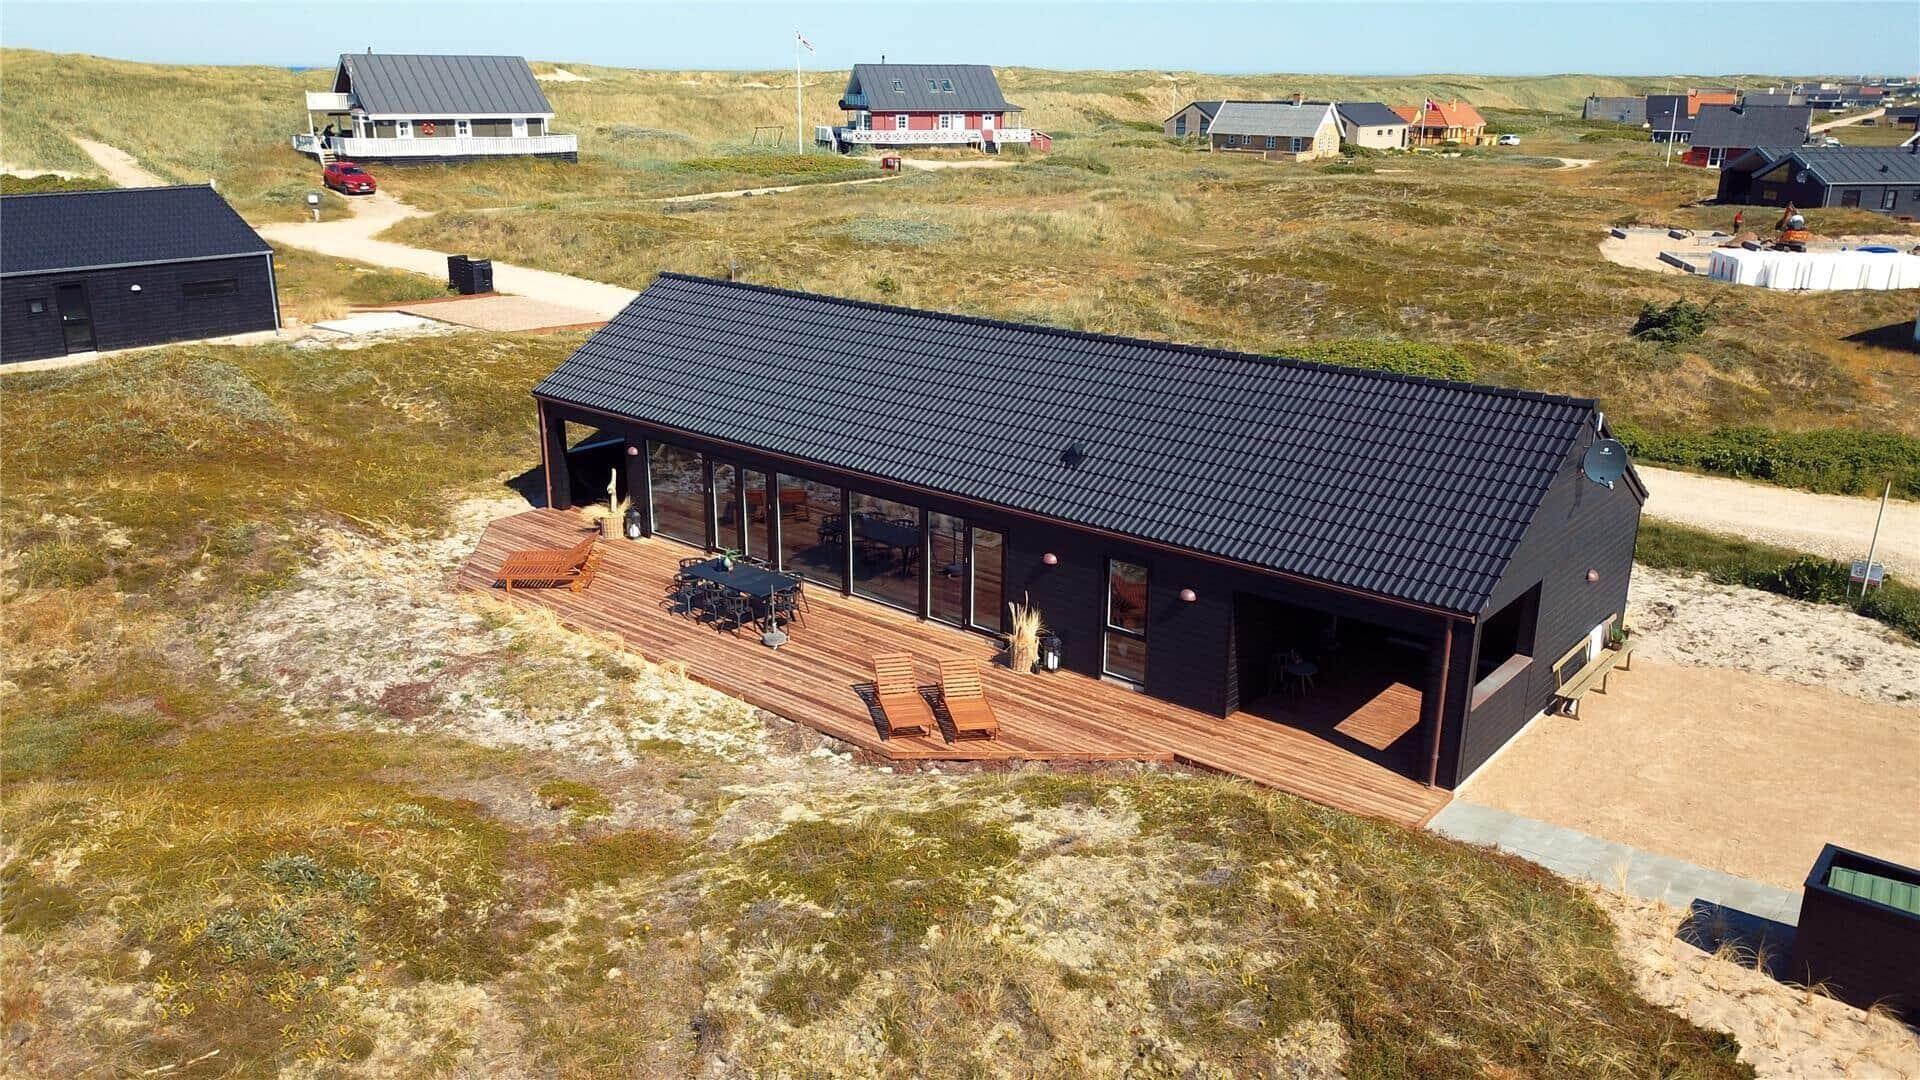 Afbeelding 1-20 Vakantiehuis 342, Hvilehjemsvej 42, DK - 7673 Harboøre